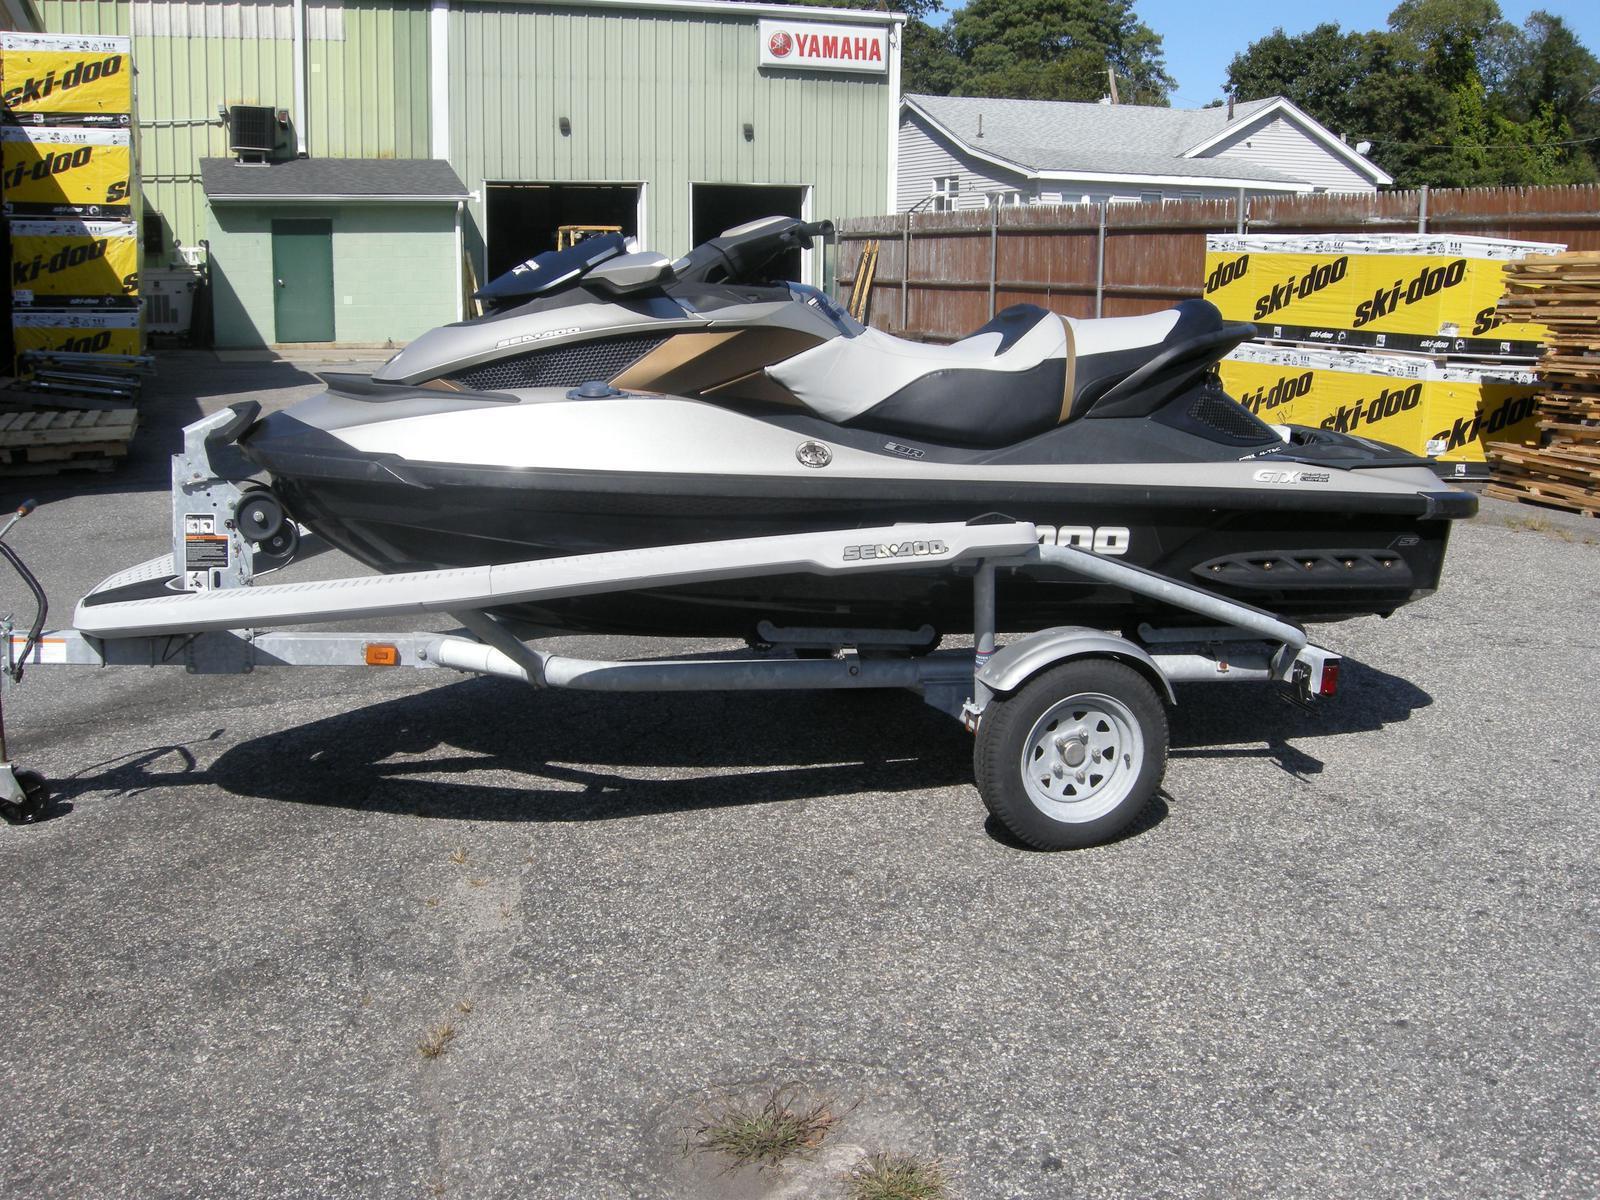 2009 Sea-Doo GTX Limited iS 255